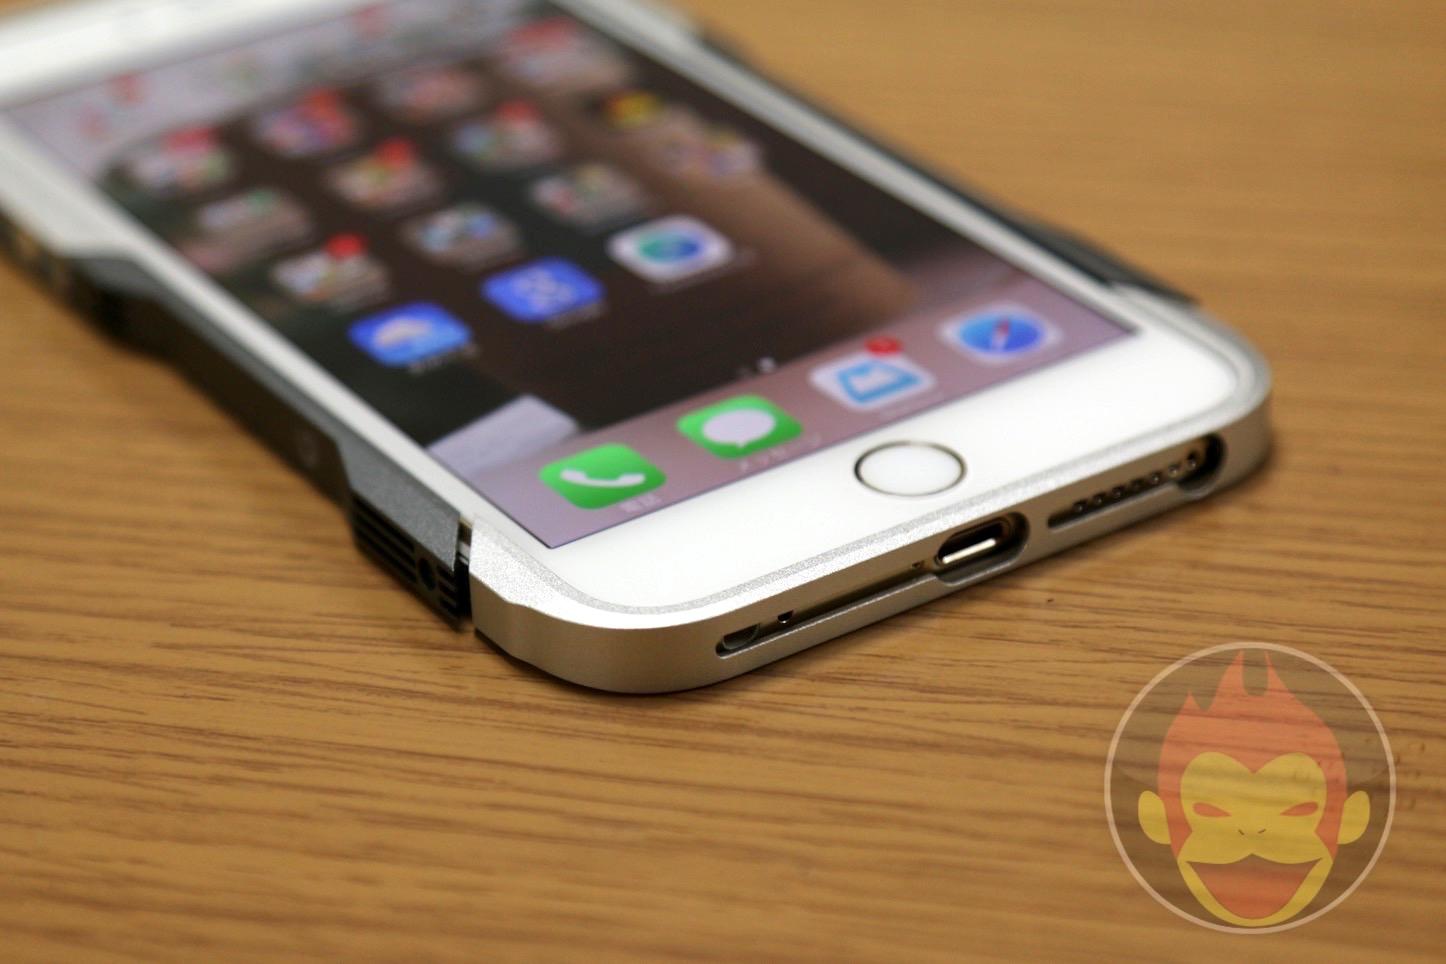 GRAVITY-CASTRUM-iPhone-6-Plus08.JPG